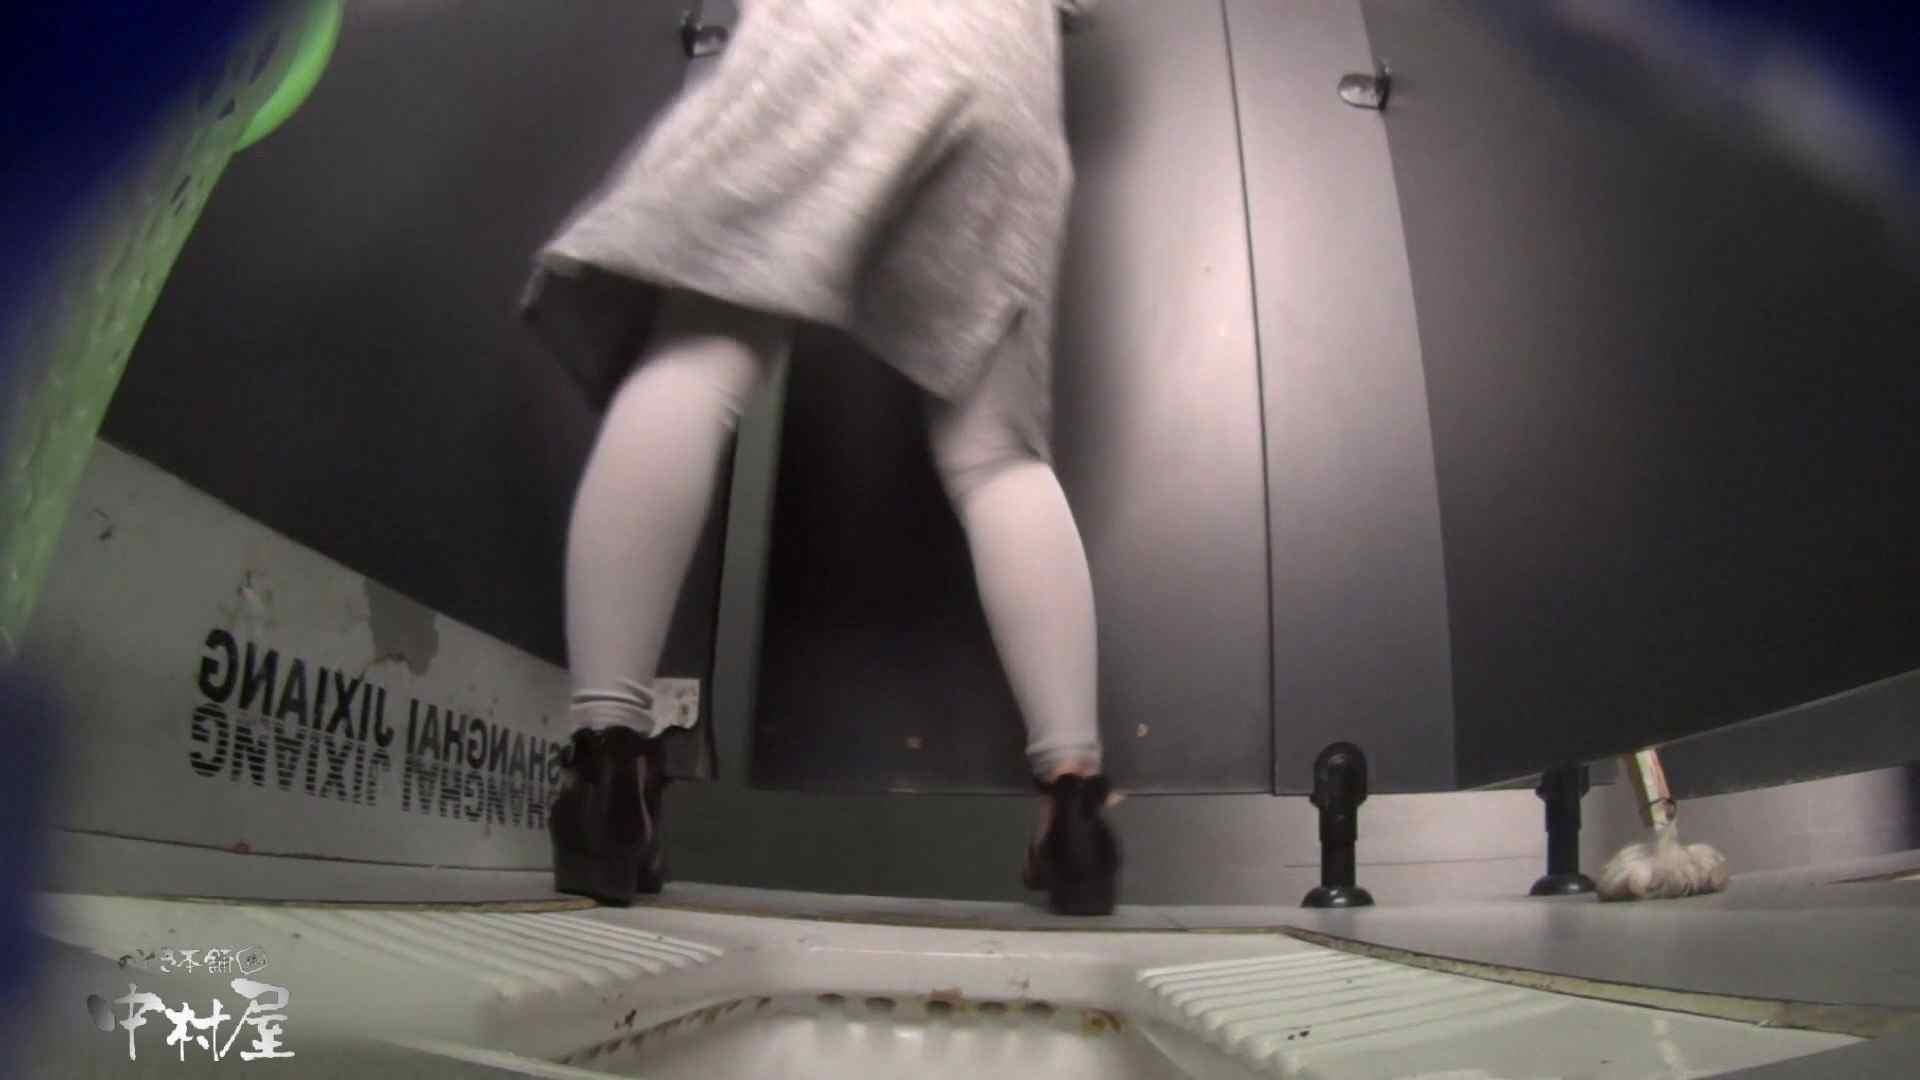 グレースパッツお女市さん 大学休憩時間の洗面所事情31 盗撮 | 美女ヌード  69画像 33